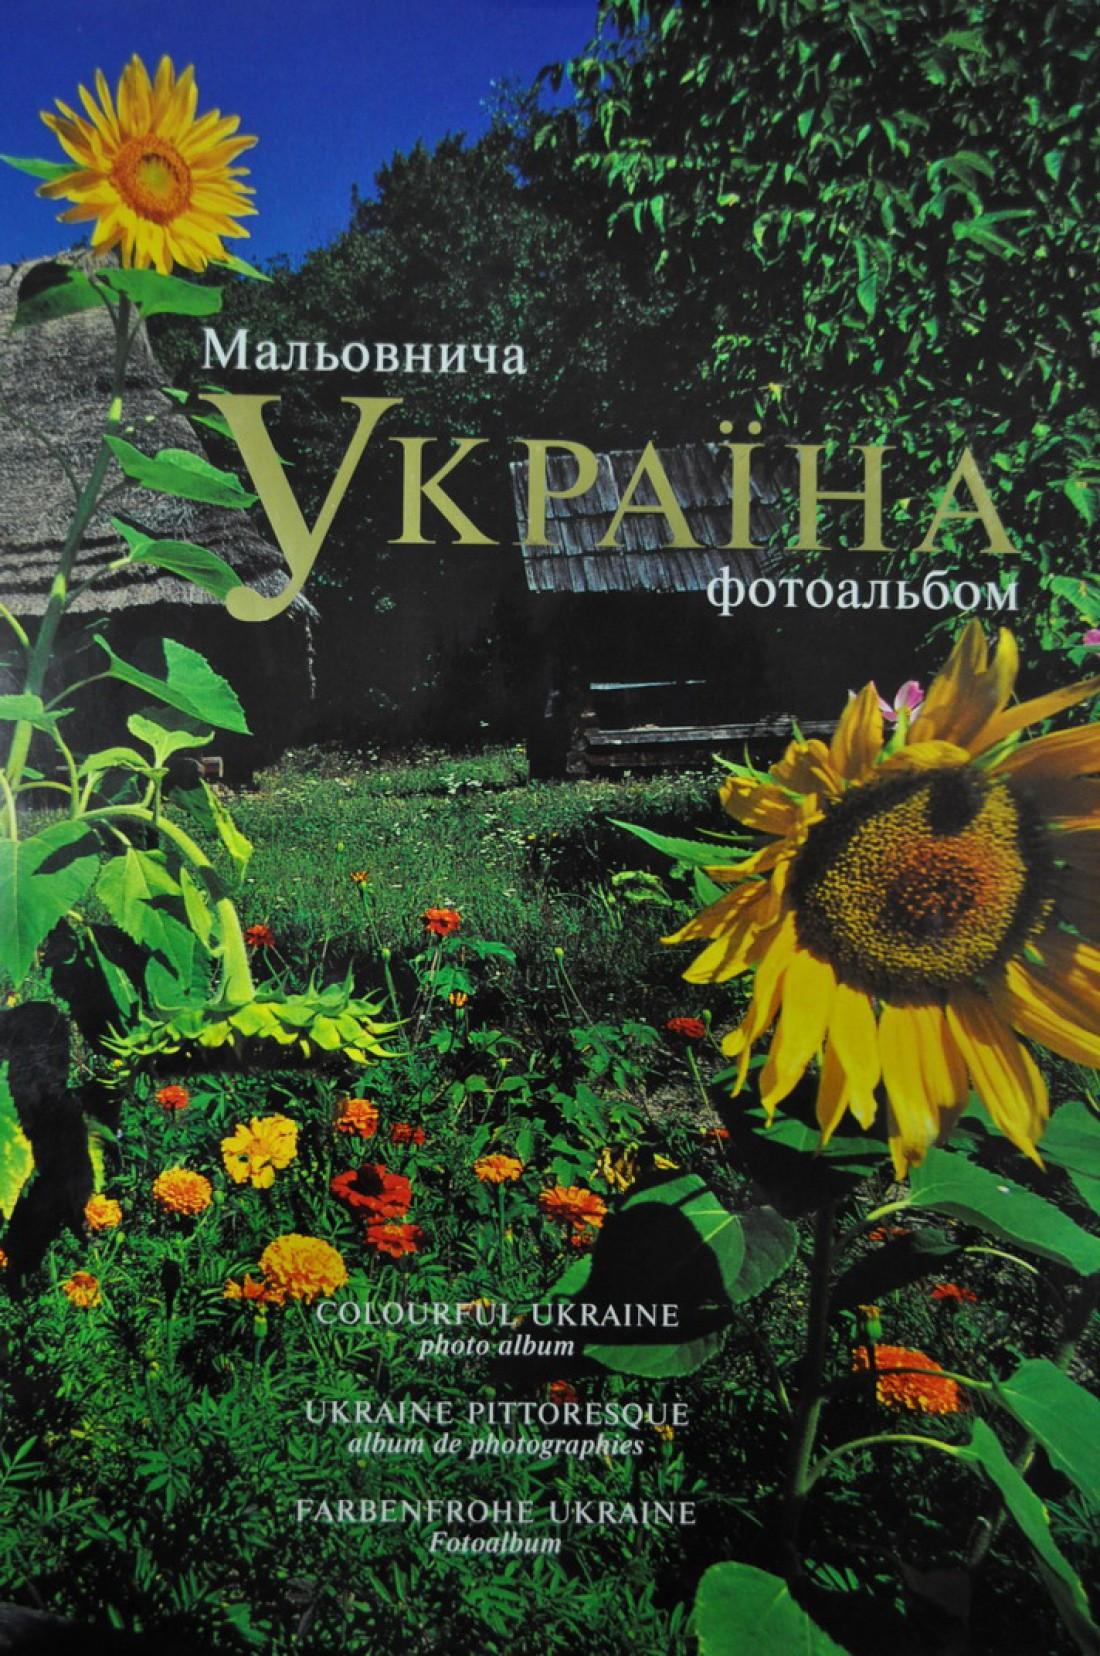 Фотоальбом Мальовнича Украина